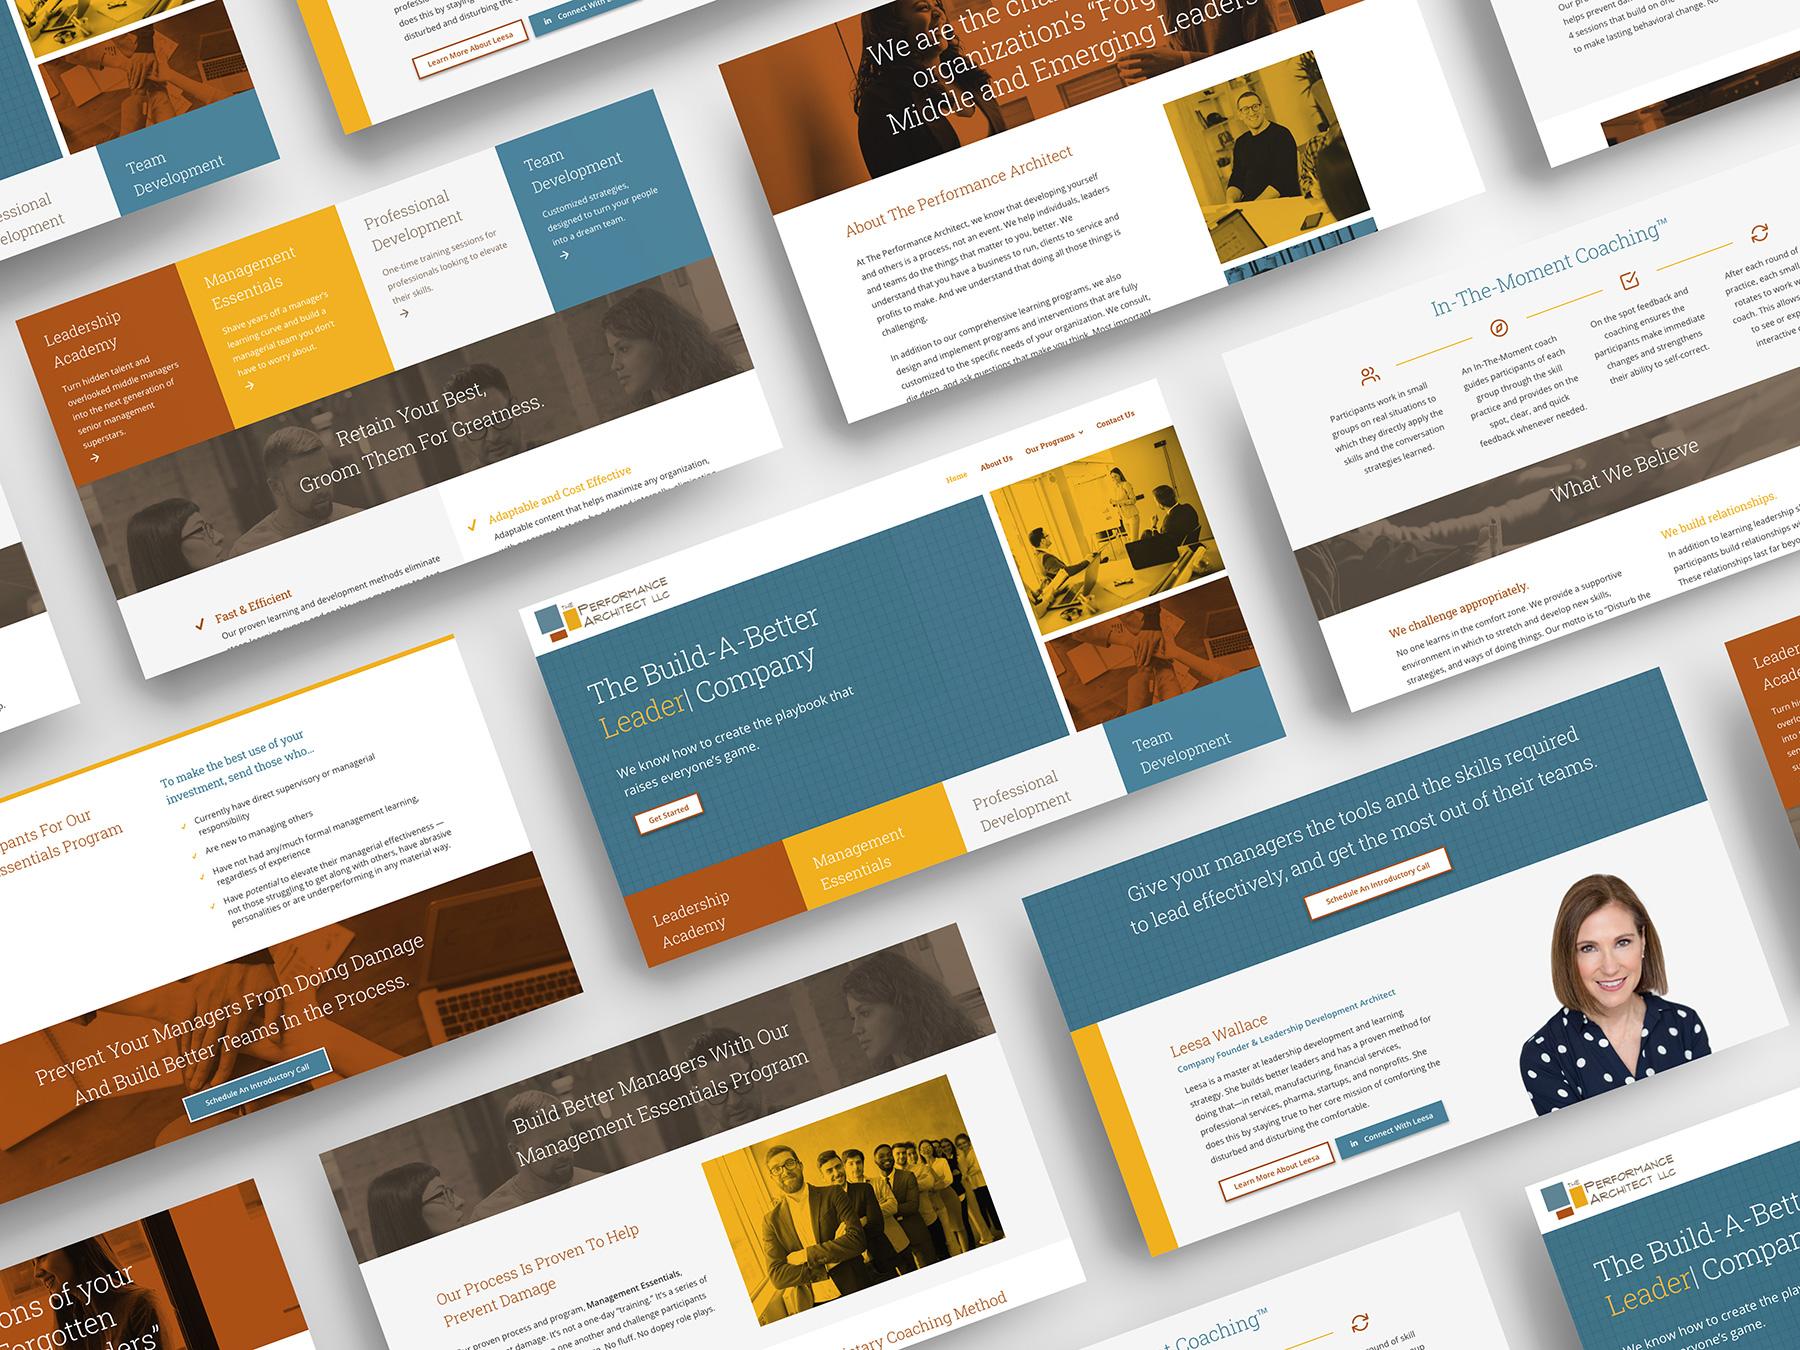 Website screens of a design for a leadership program